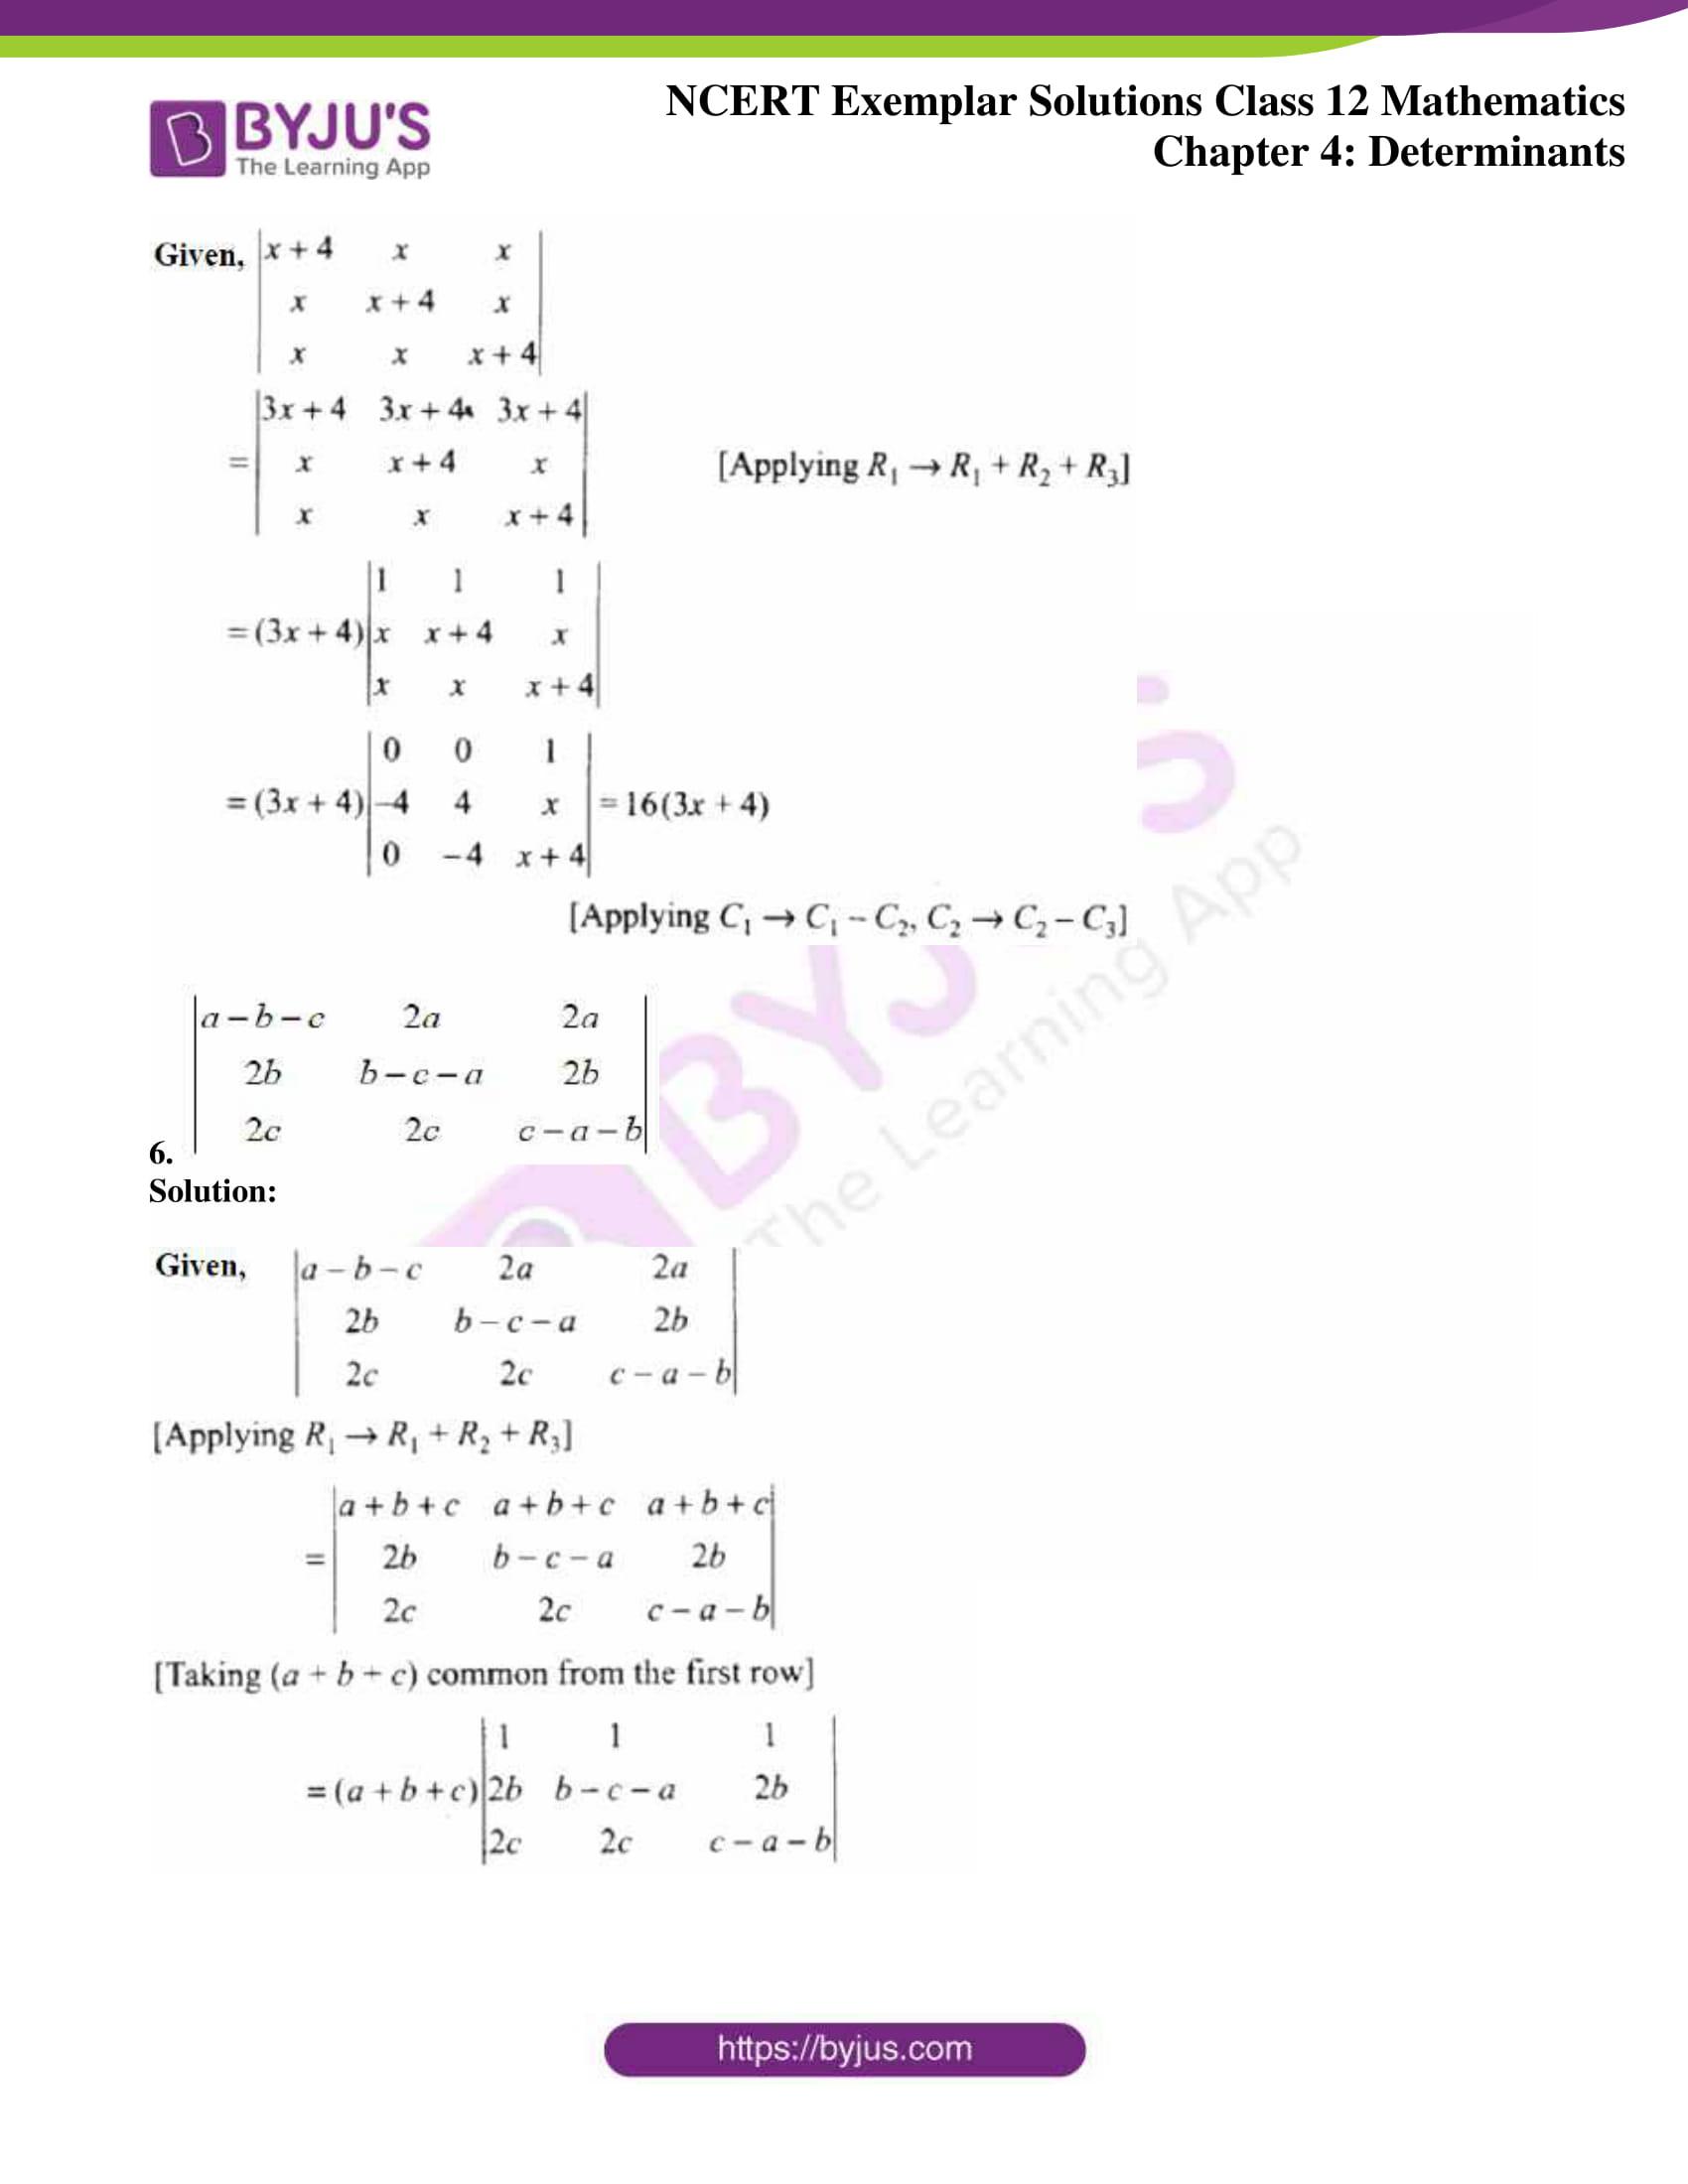 ncert exemplar sol class 12 math ch4 04